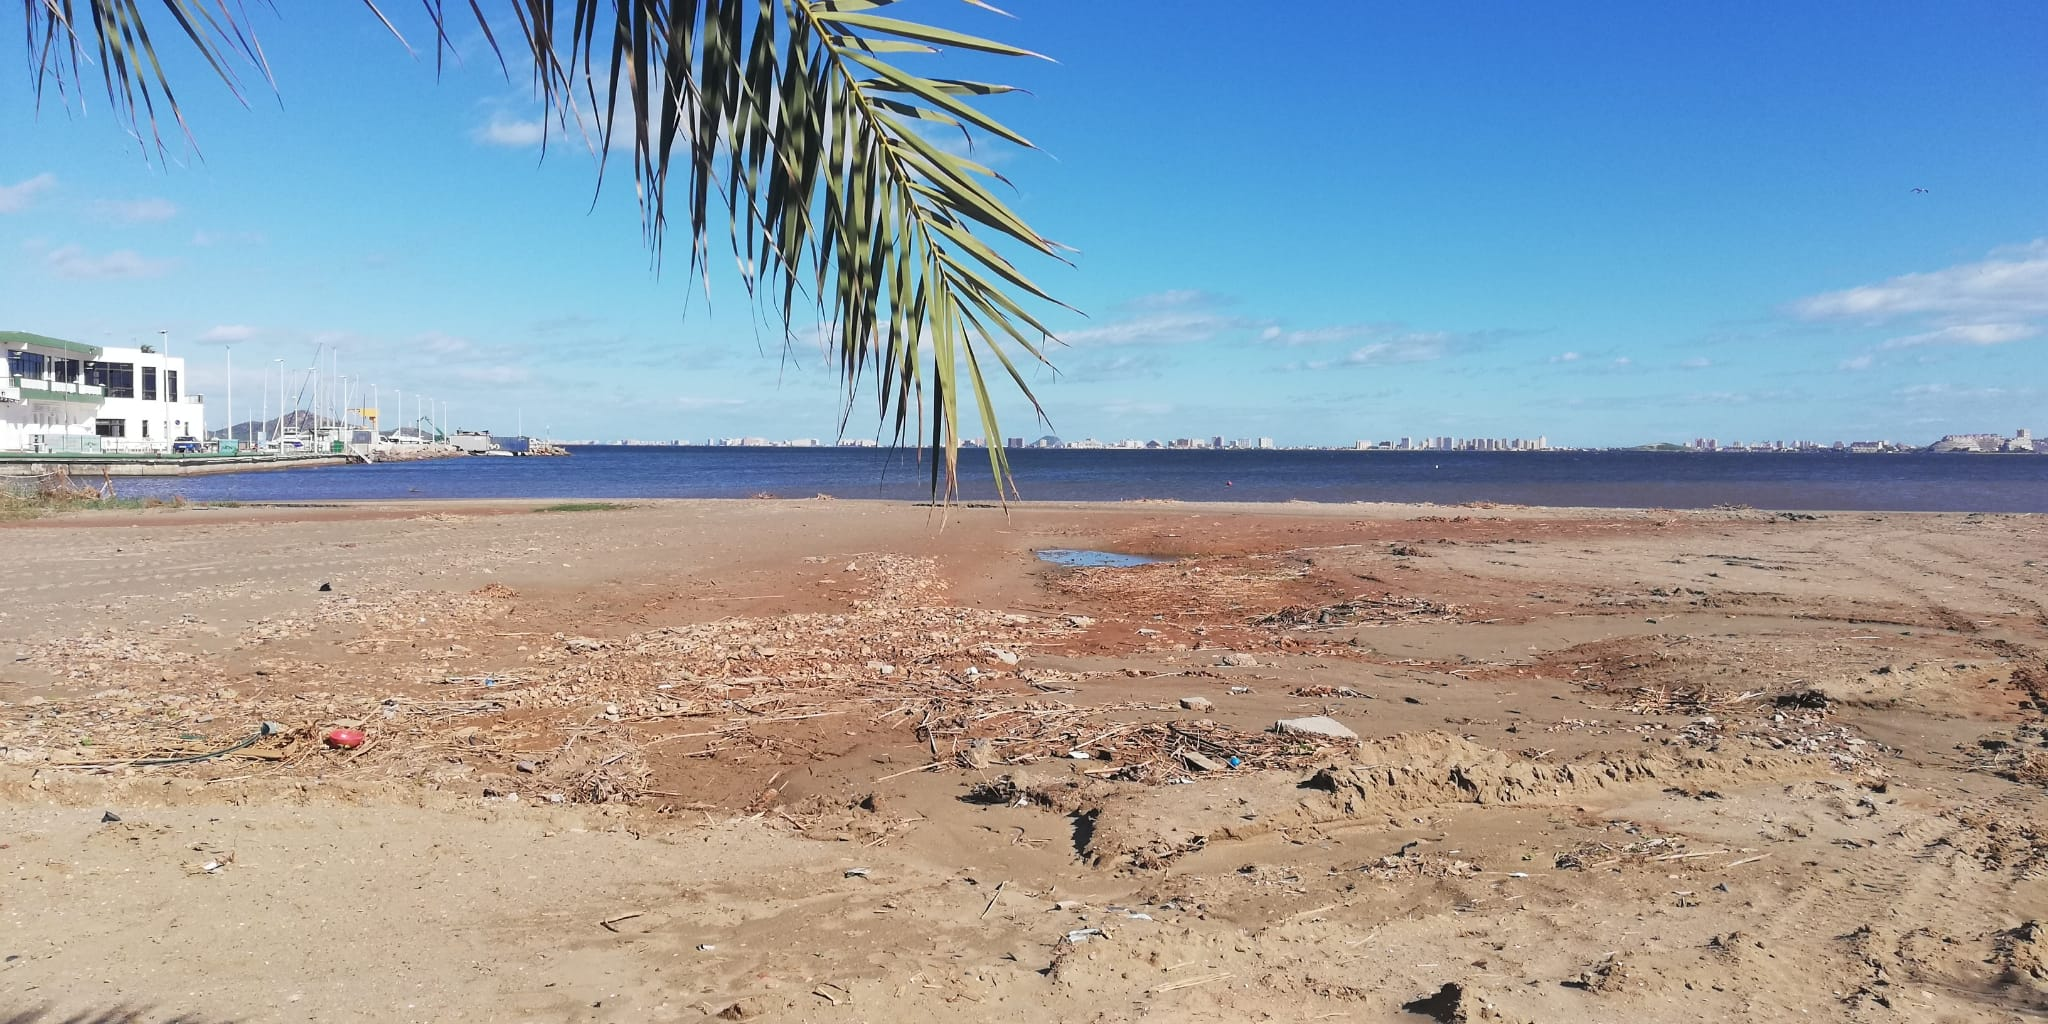 Mar menor ecologia problema ambiental